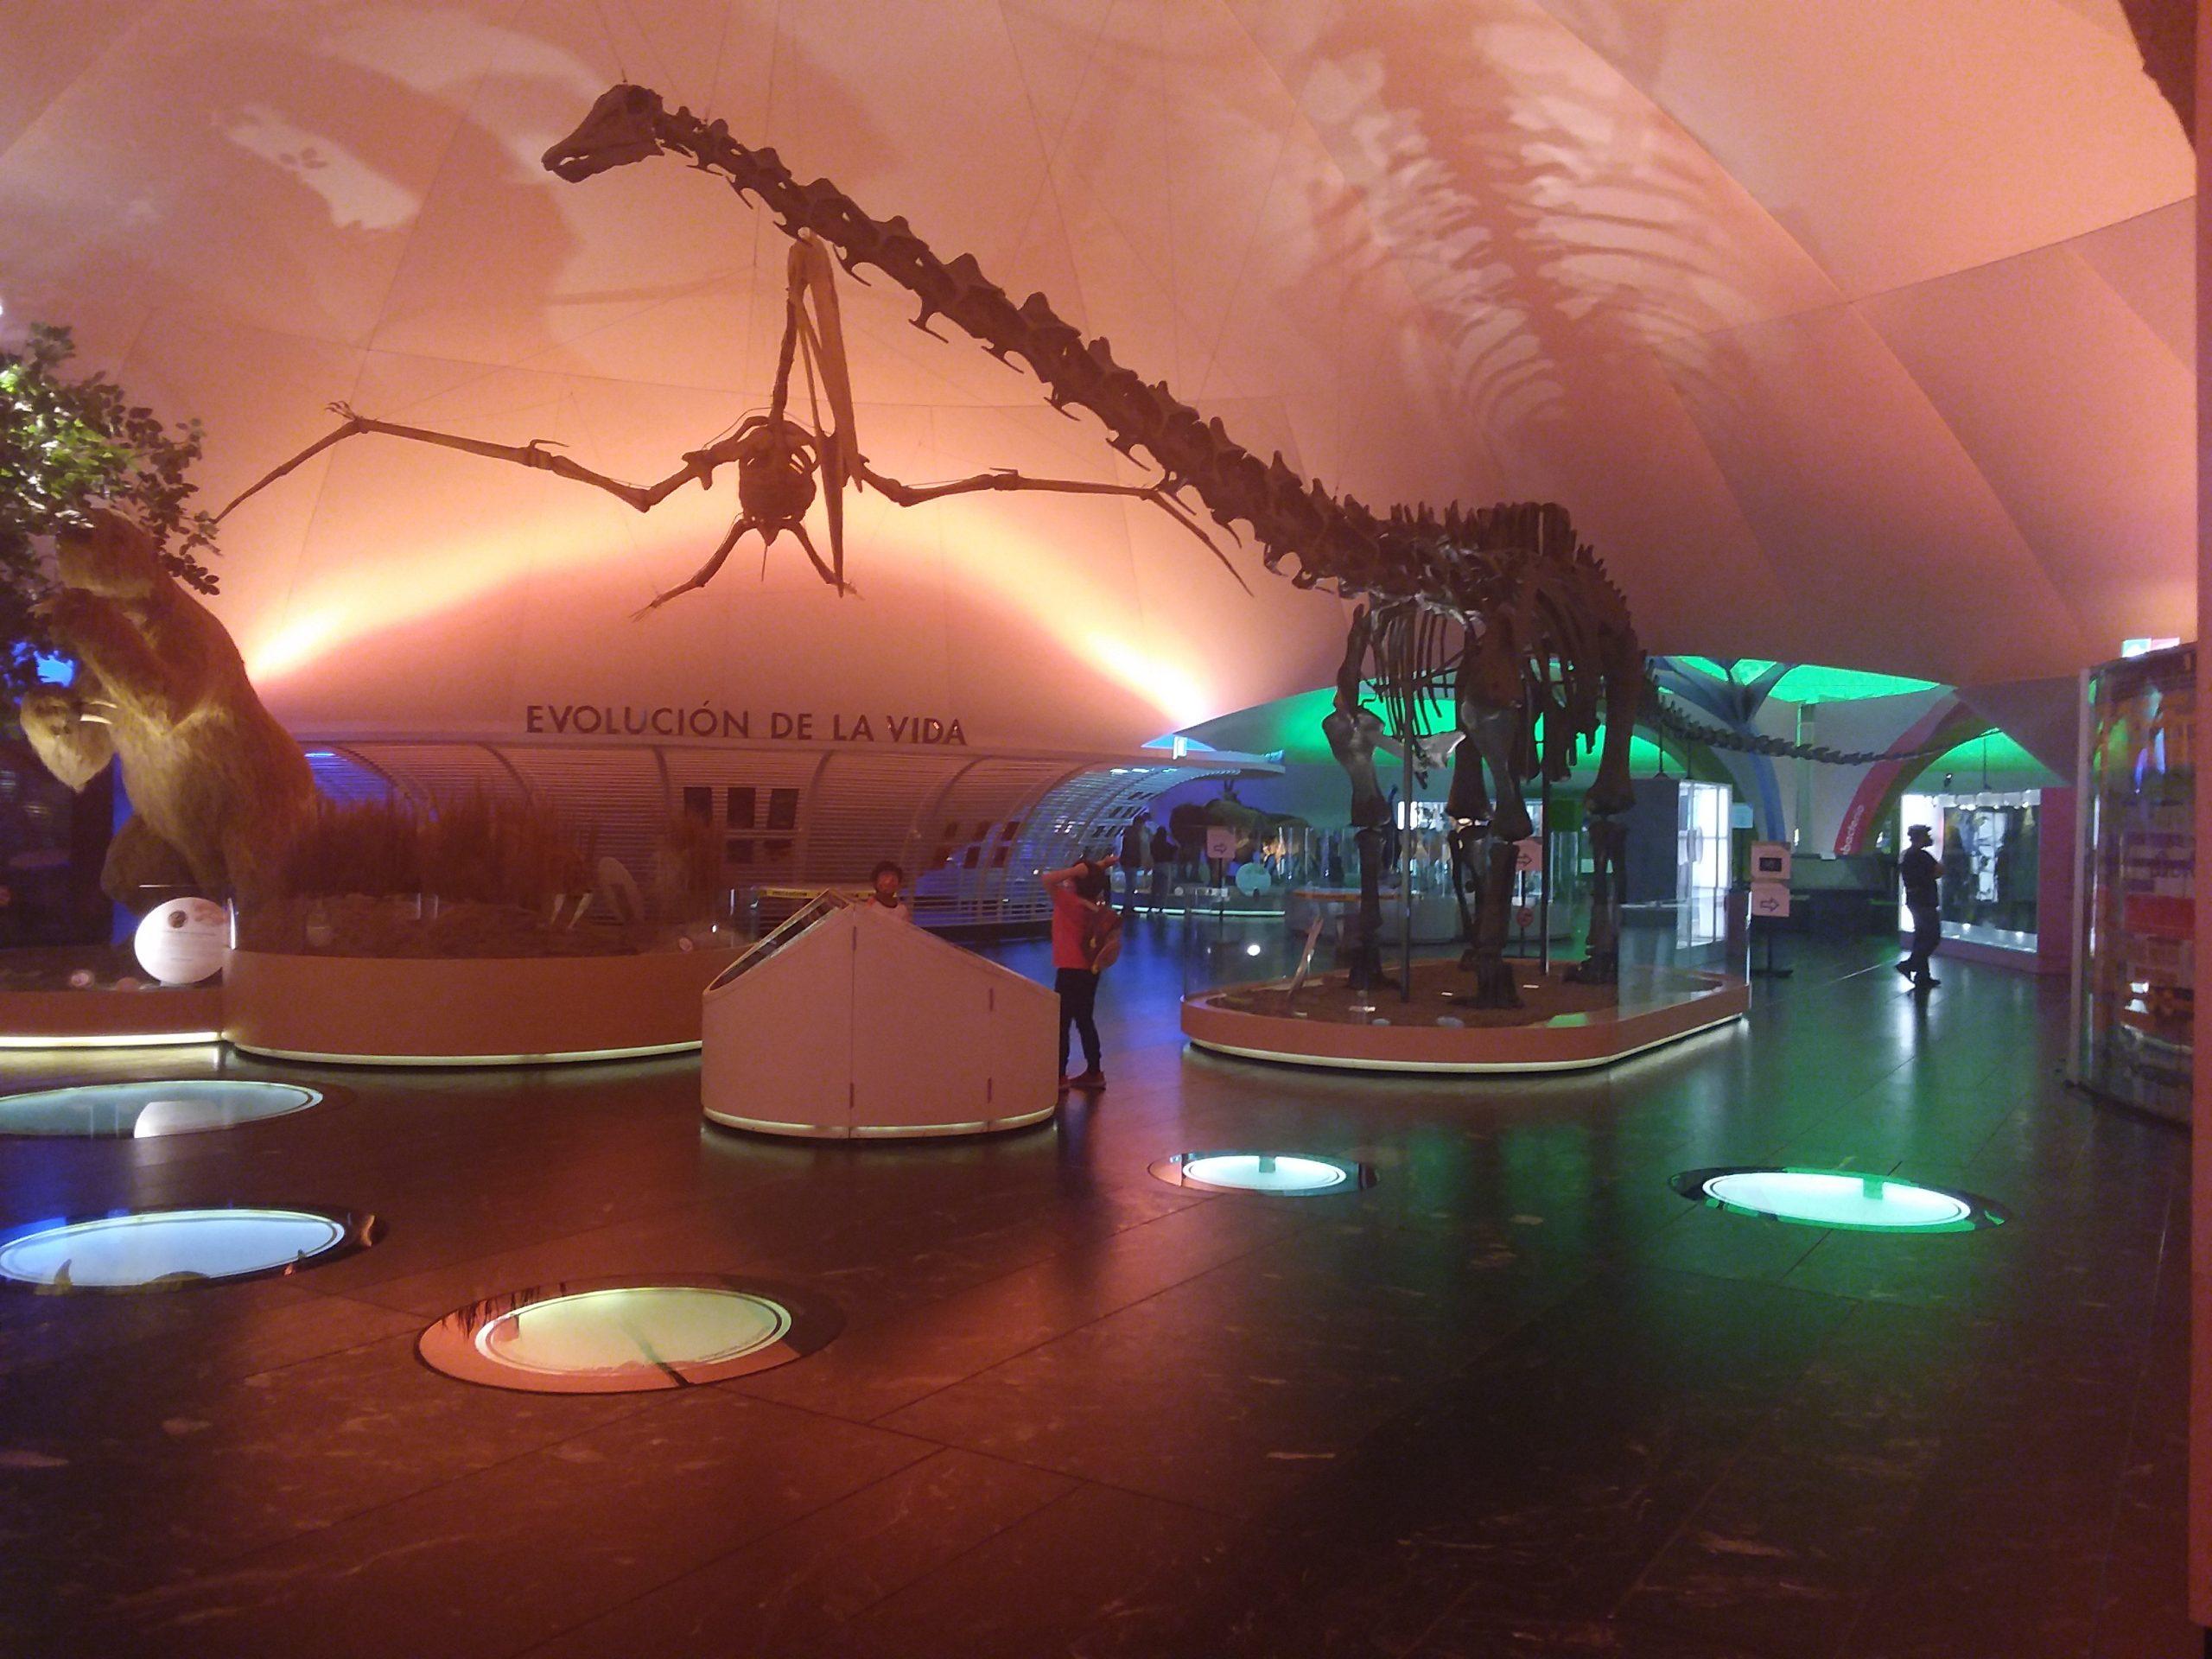 Musée histoire naturelle mexico